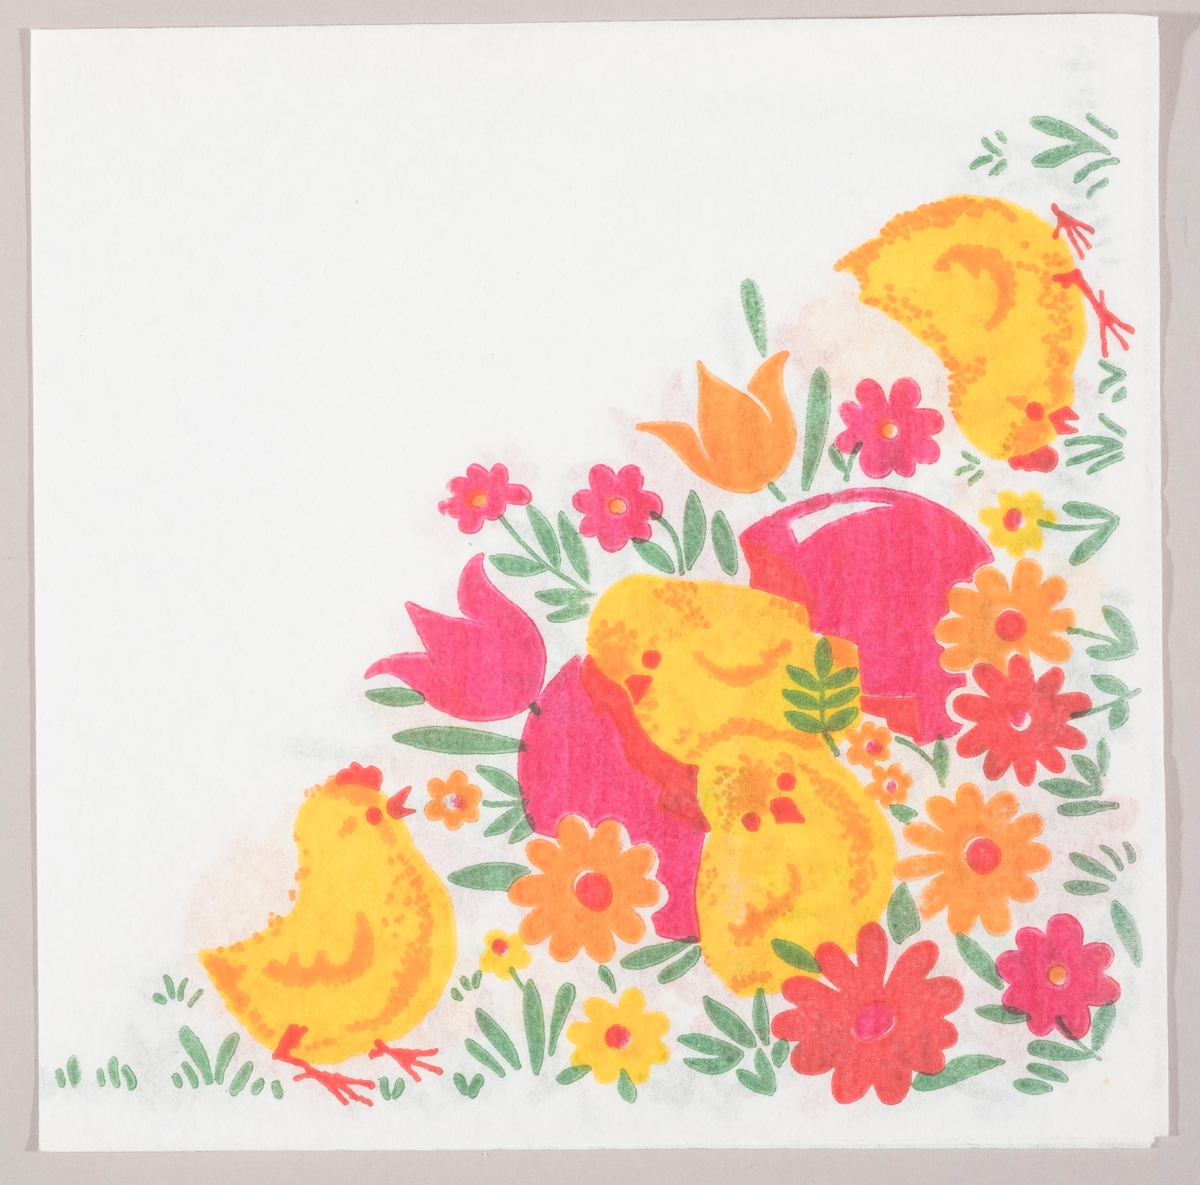 Fire påskekyllinger og skallen av et rosa påskeegg i en eng med røde, rosa, gule og oransje blomster.